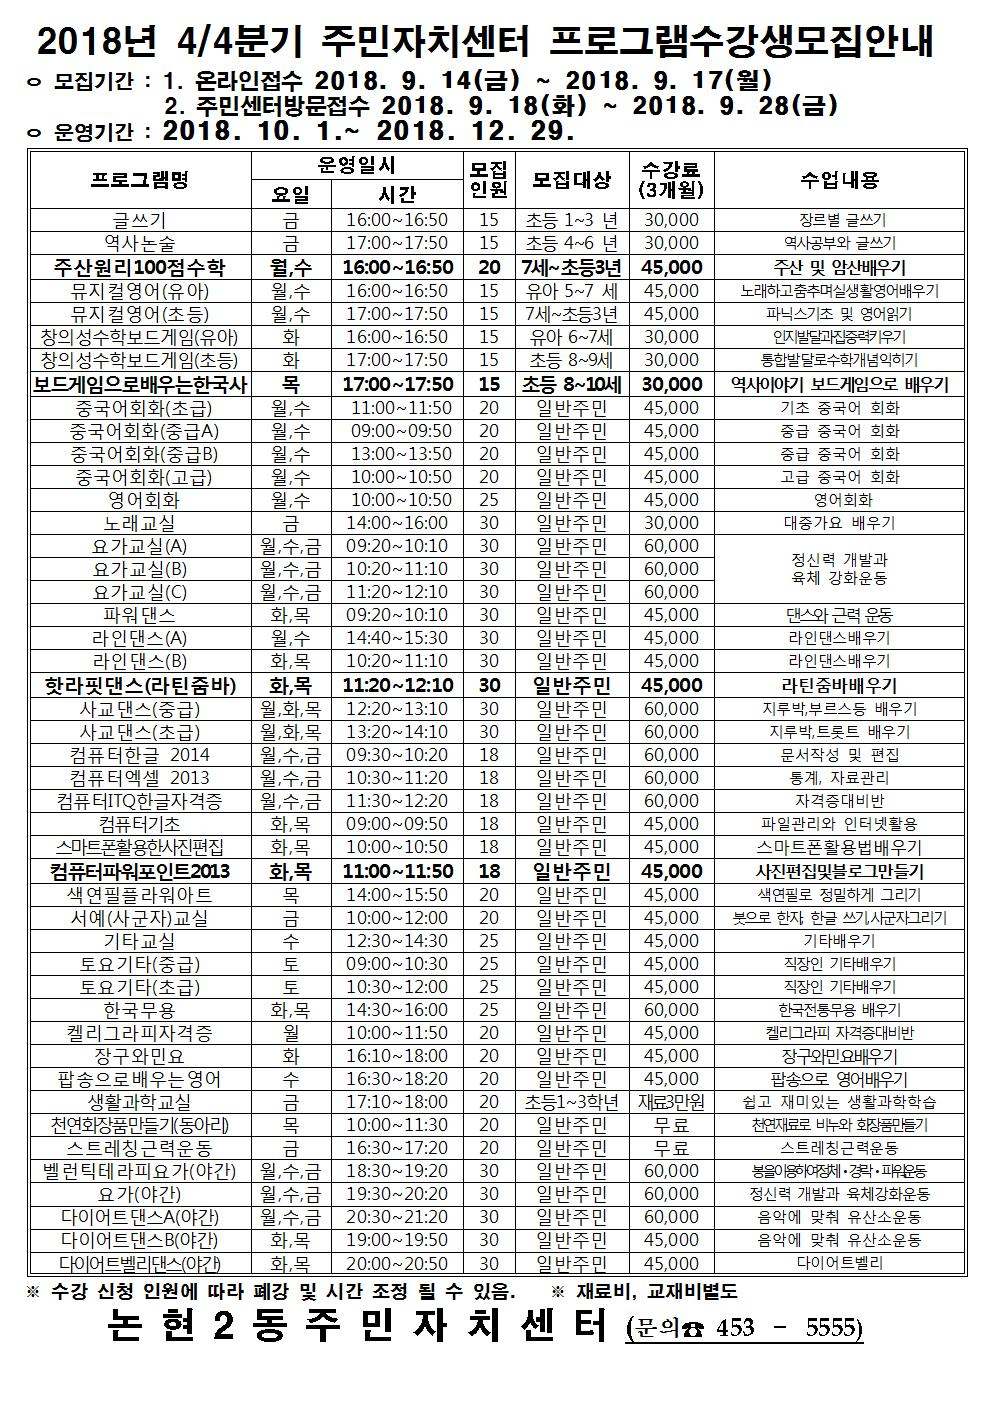 논현2동 주민자치센터_수강생_모집18.4분기001